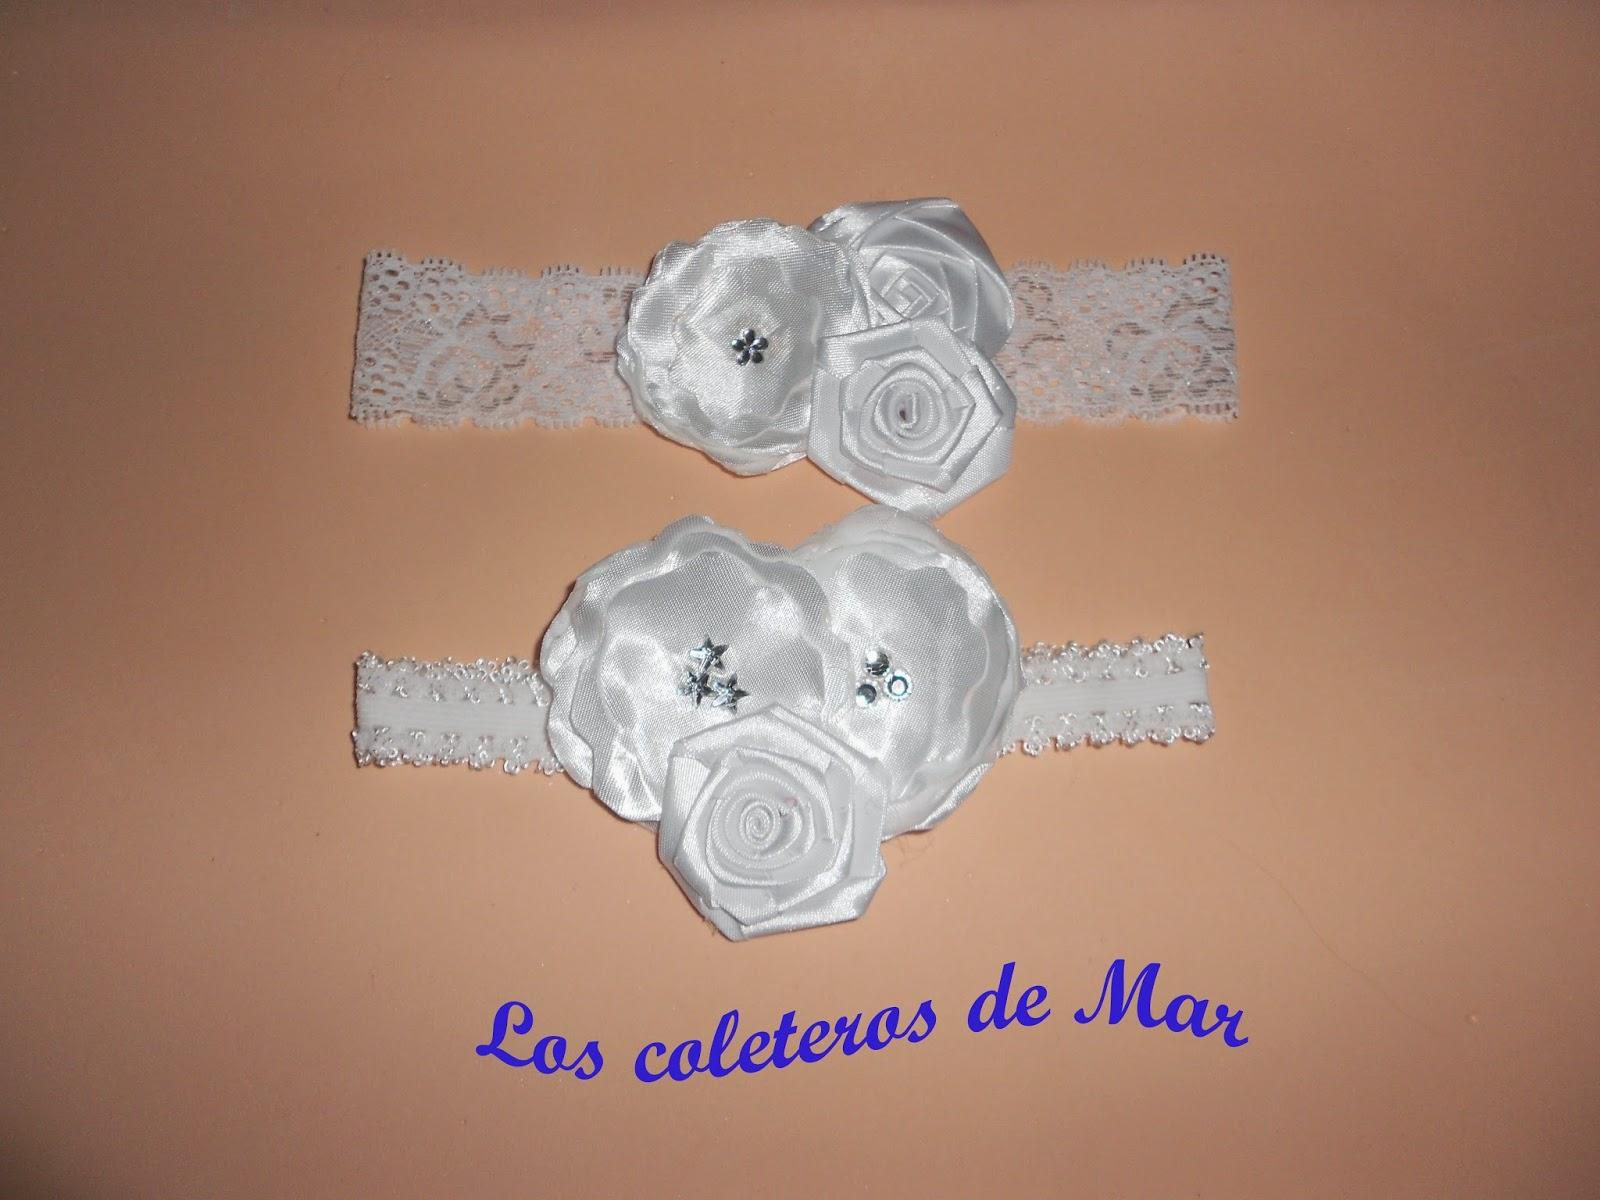 La segunda está formada por dos flores de tela y una rosa de cinta de raso.